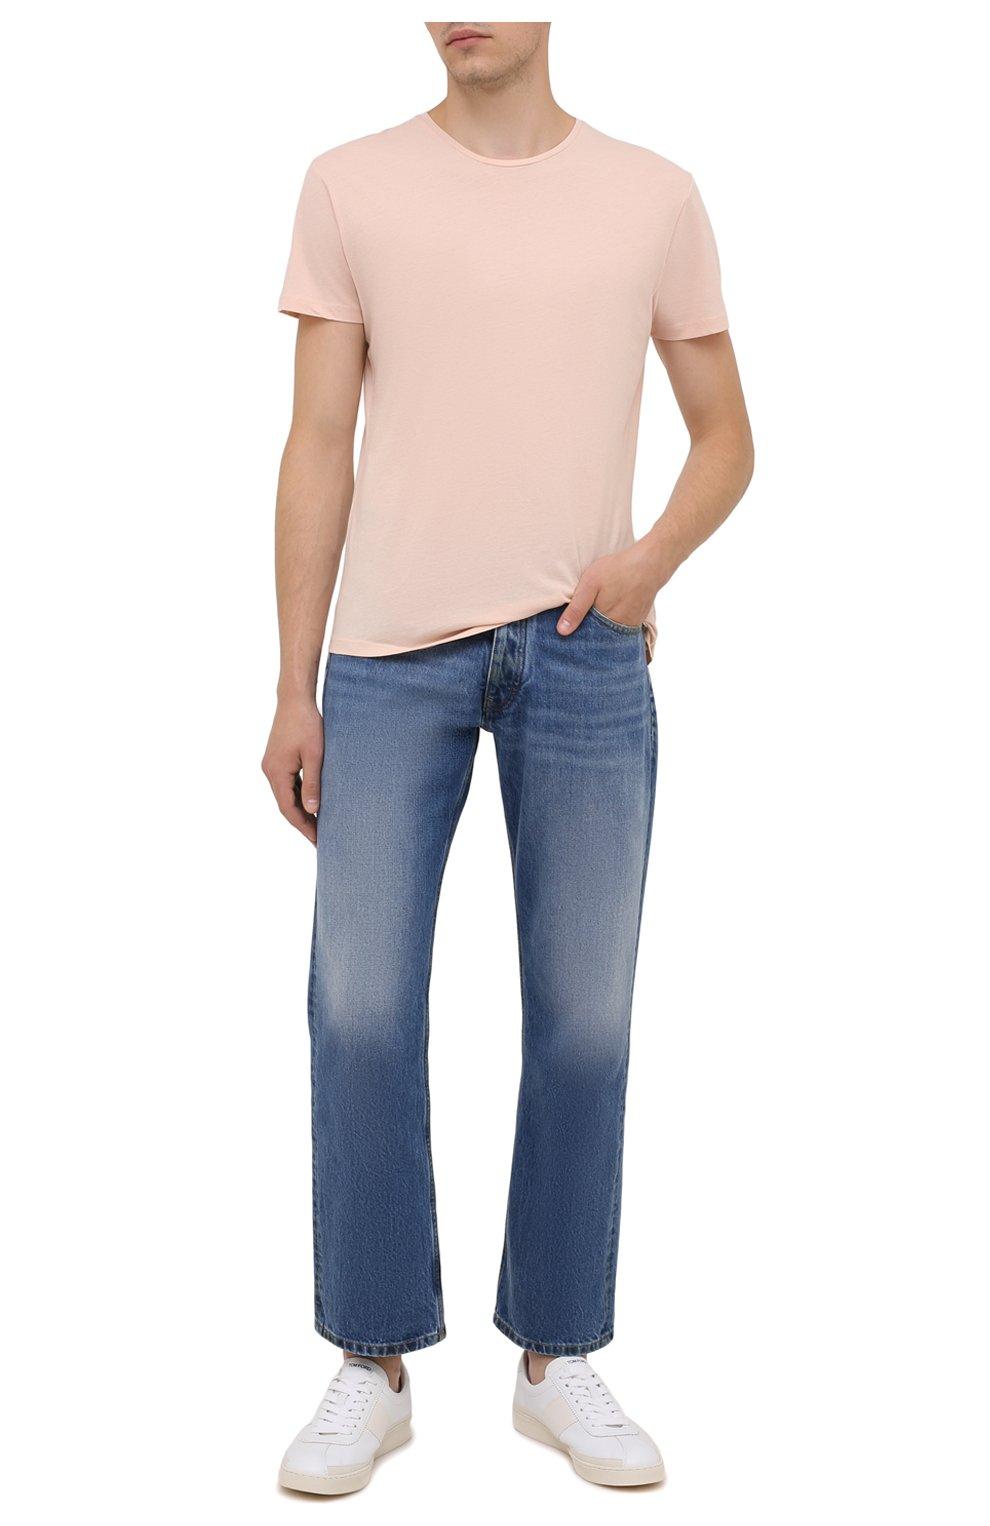 Мужская хлопковая футболка ORLEBAR BROWN бежевого цвета, арт. 274181 | Фото 2 (Кросс-КТ: Пляж; Принт: Без принта; Рукава: Короткие; Длина (для топов): Стандартные; Материал внешний: Хлопок; Стили: Кэжуэл)